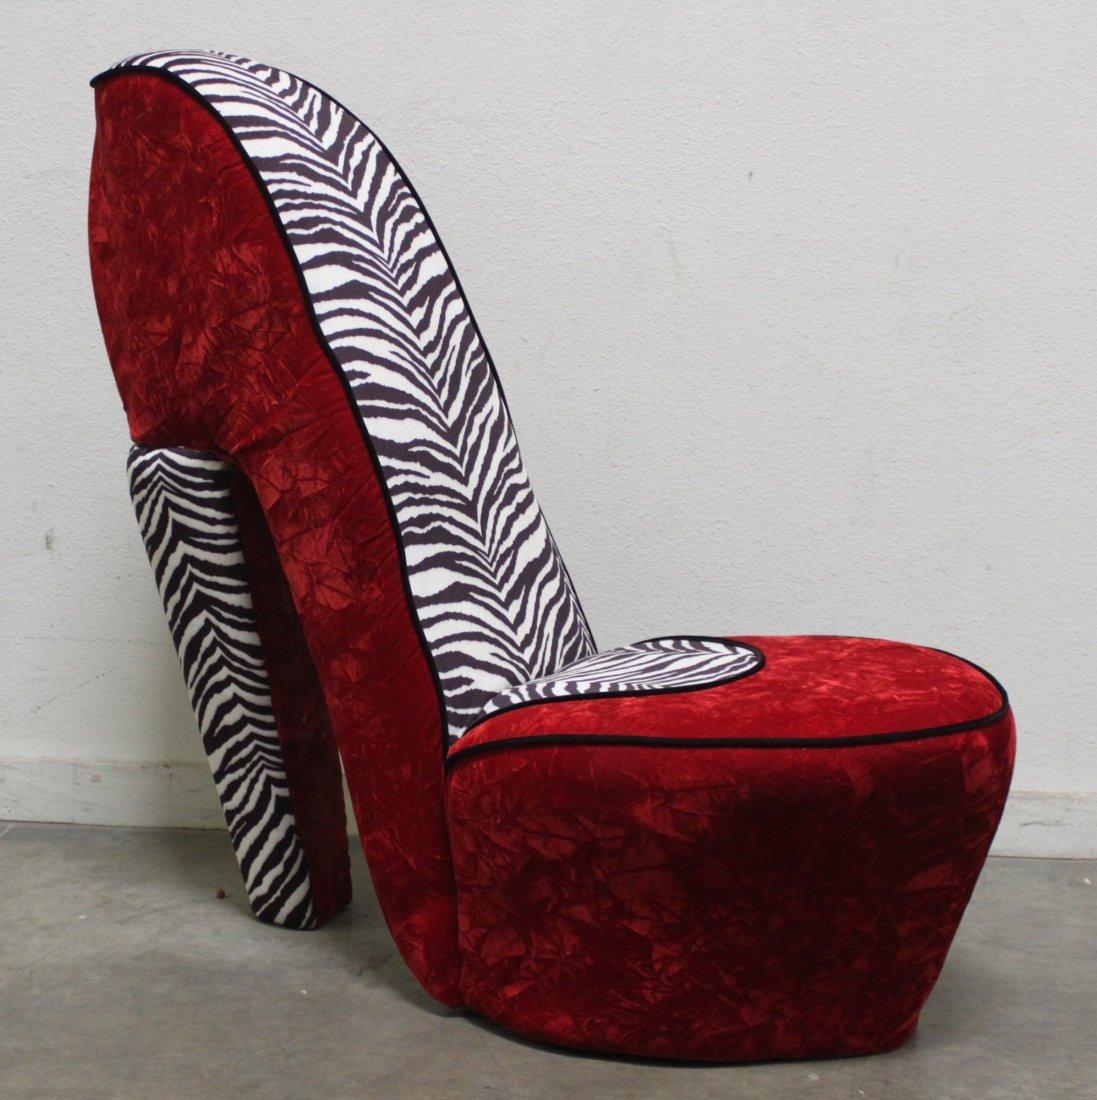 Zebra Print High Heel Shoe Chair Red Velvet